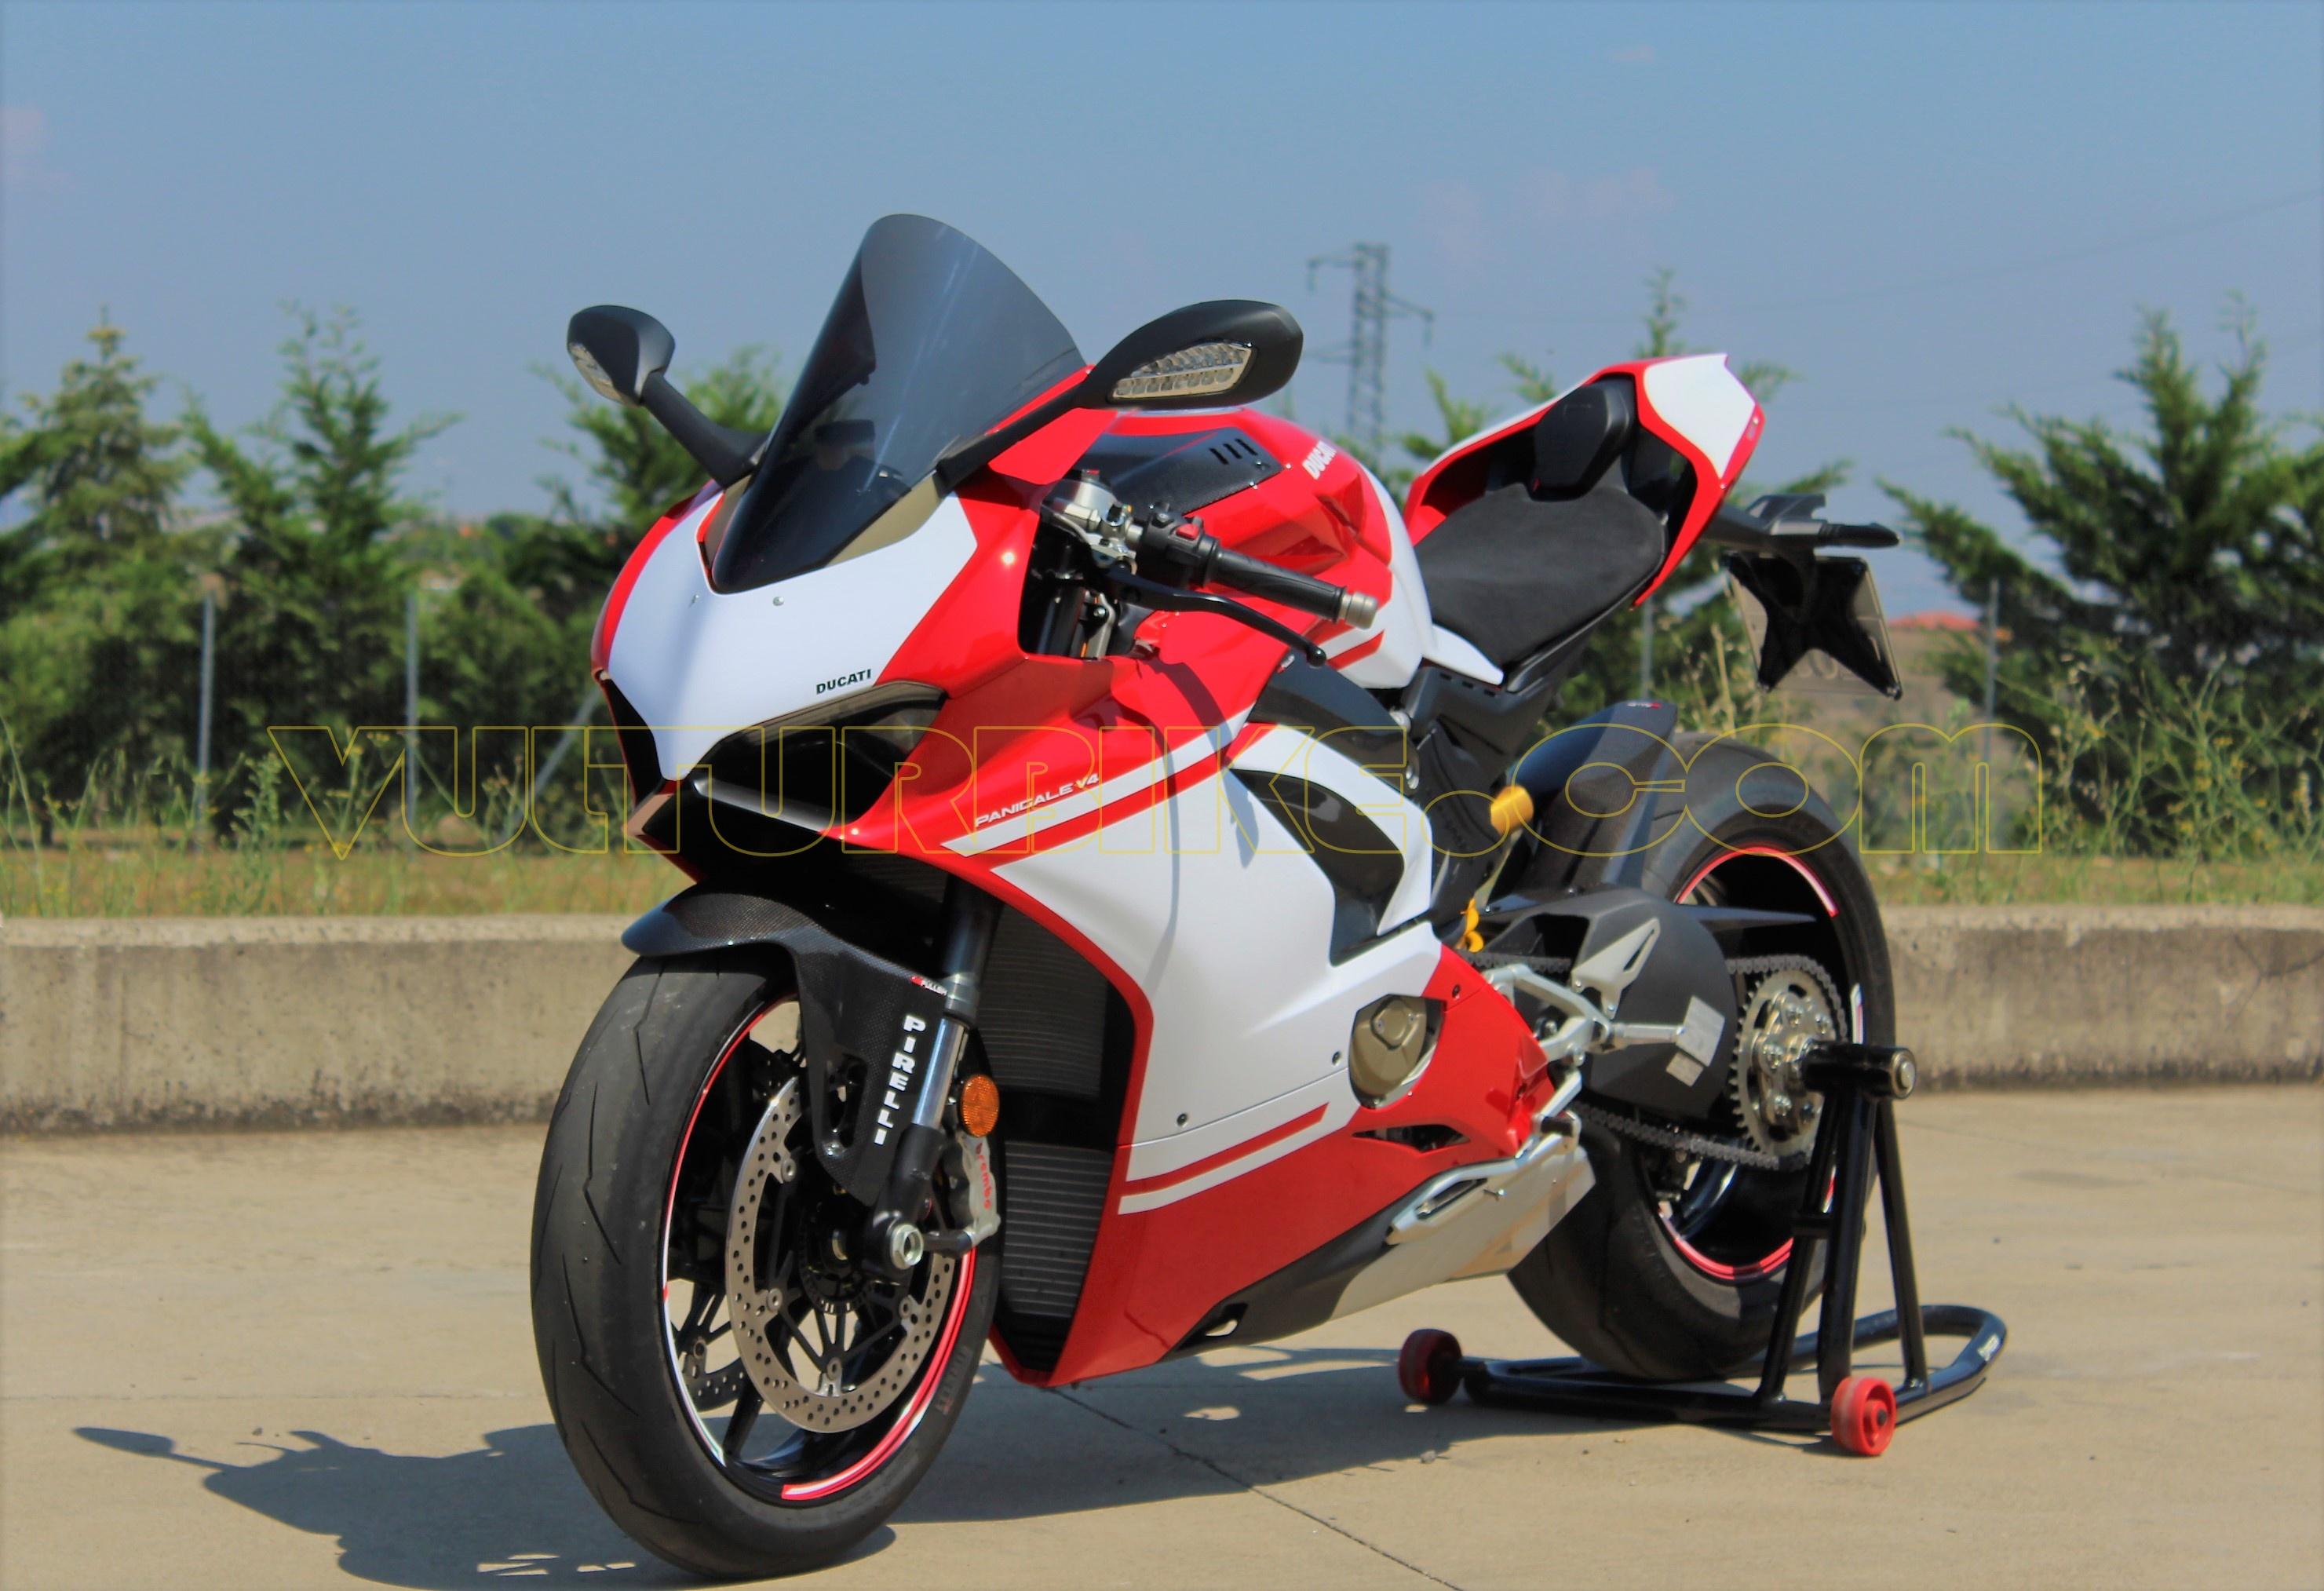 Open Road BMW >> Vulturbike Ducati Panigale V4 Superleggera 2 Decal Sticker ...